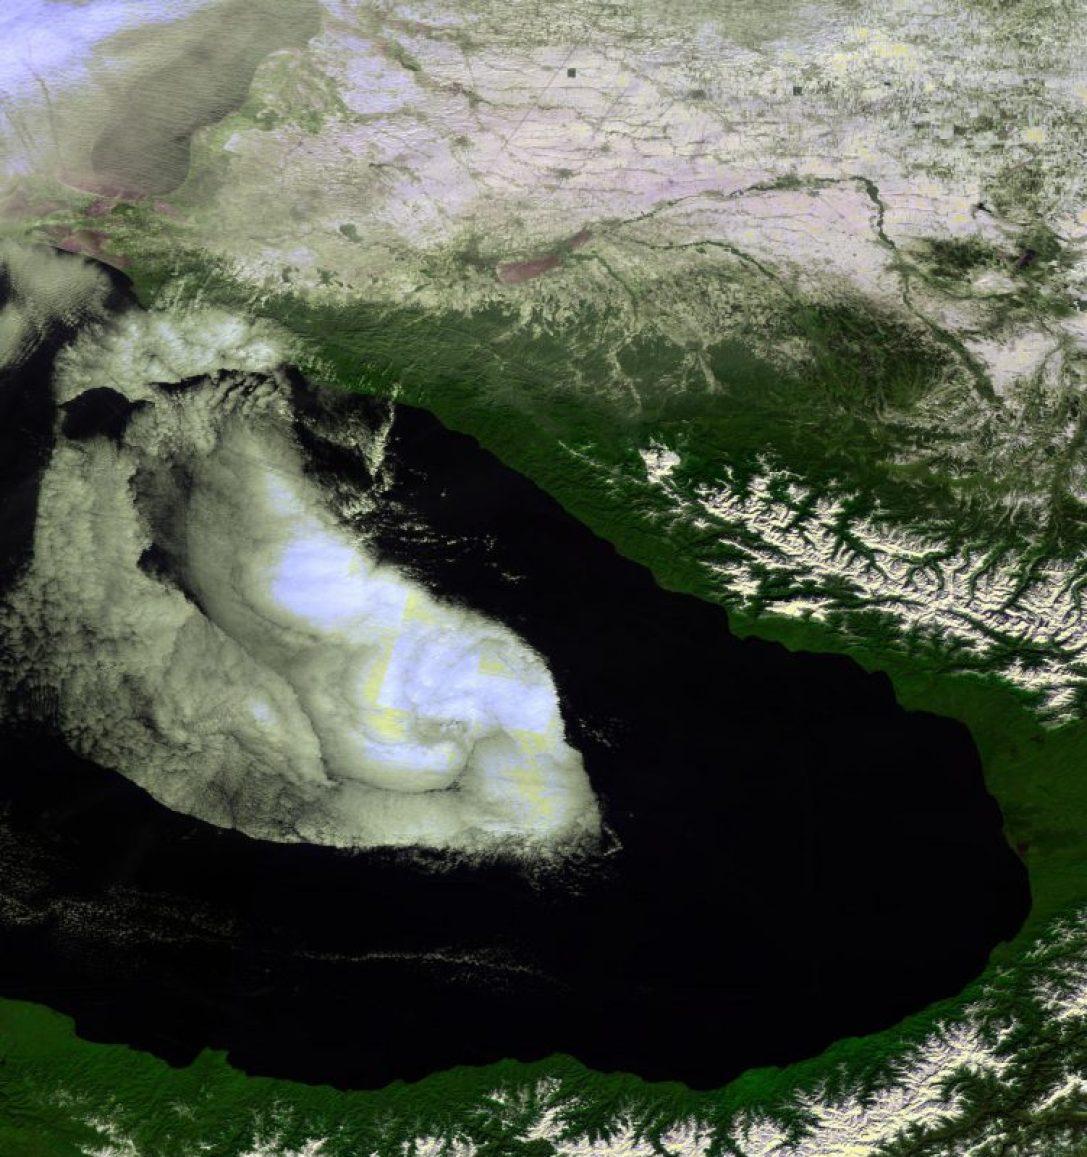 Image  de la végétation  de la Mer Noire prise par Proba-V, dont Sotchi (centre de l'image).  Image acquise le 7 Février 2014, à 333 m de résolution (source ESA)